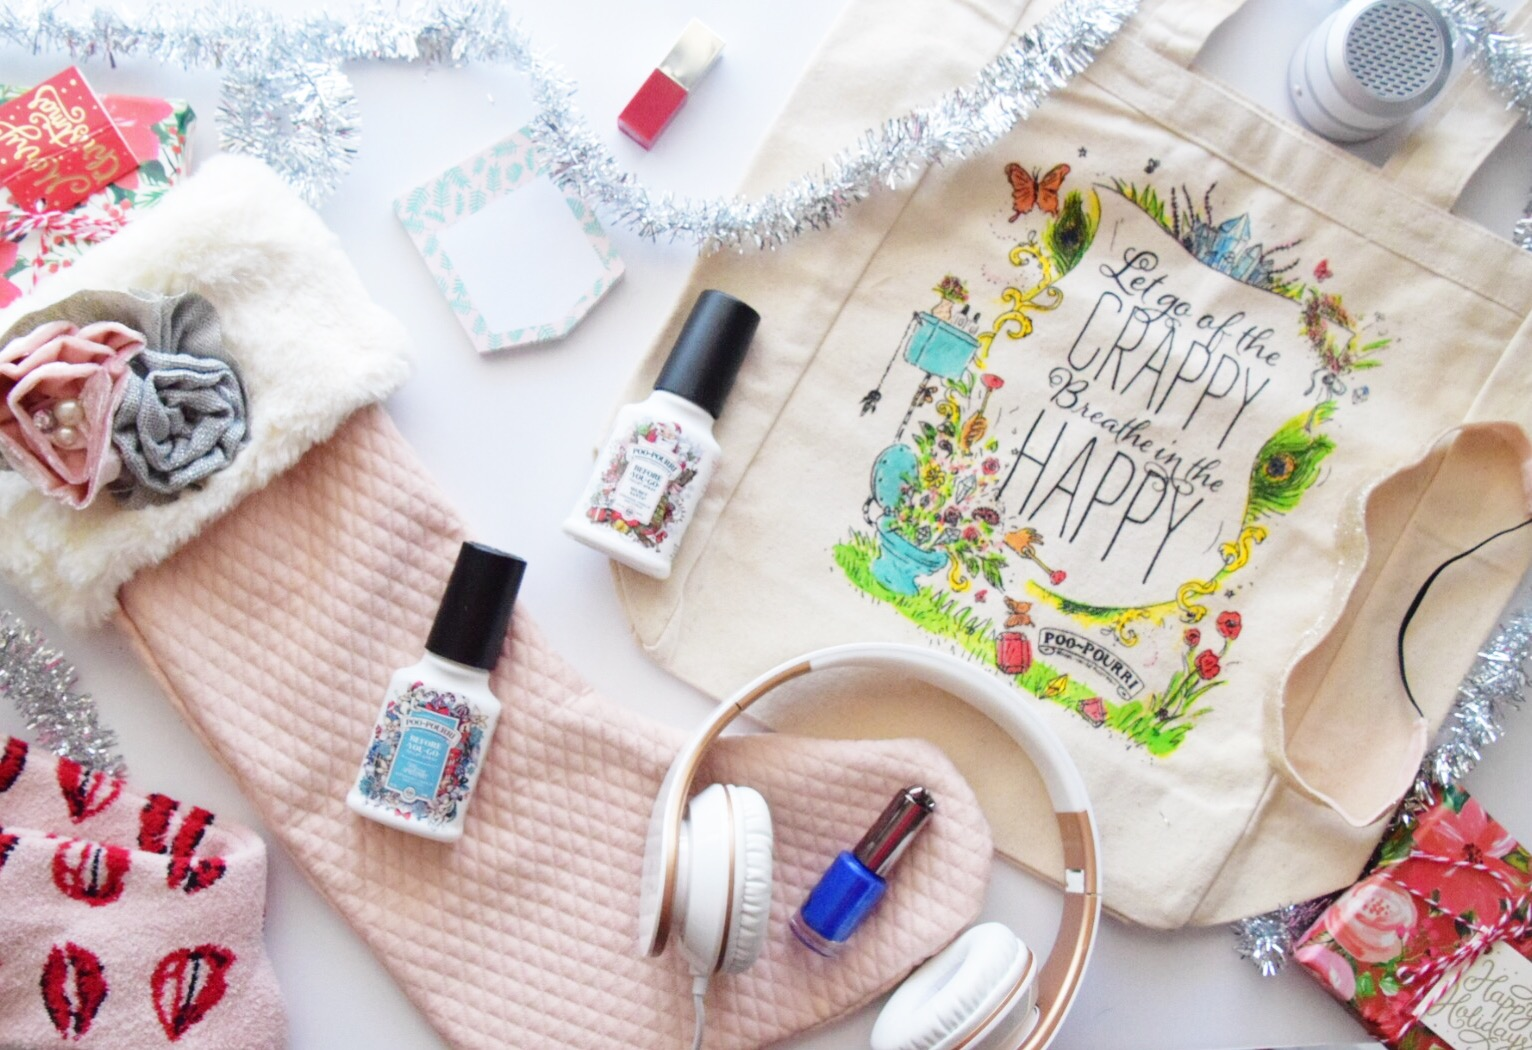 Houston Lifestyle Blogger - Wander Dust  Blog - 10 Stocking Stuffer Ideas for College Girls 2017 (19).JPG